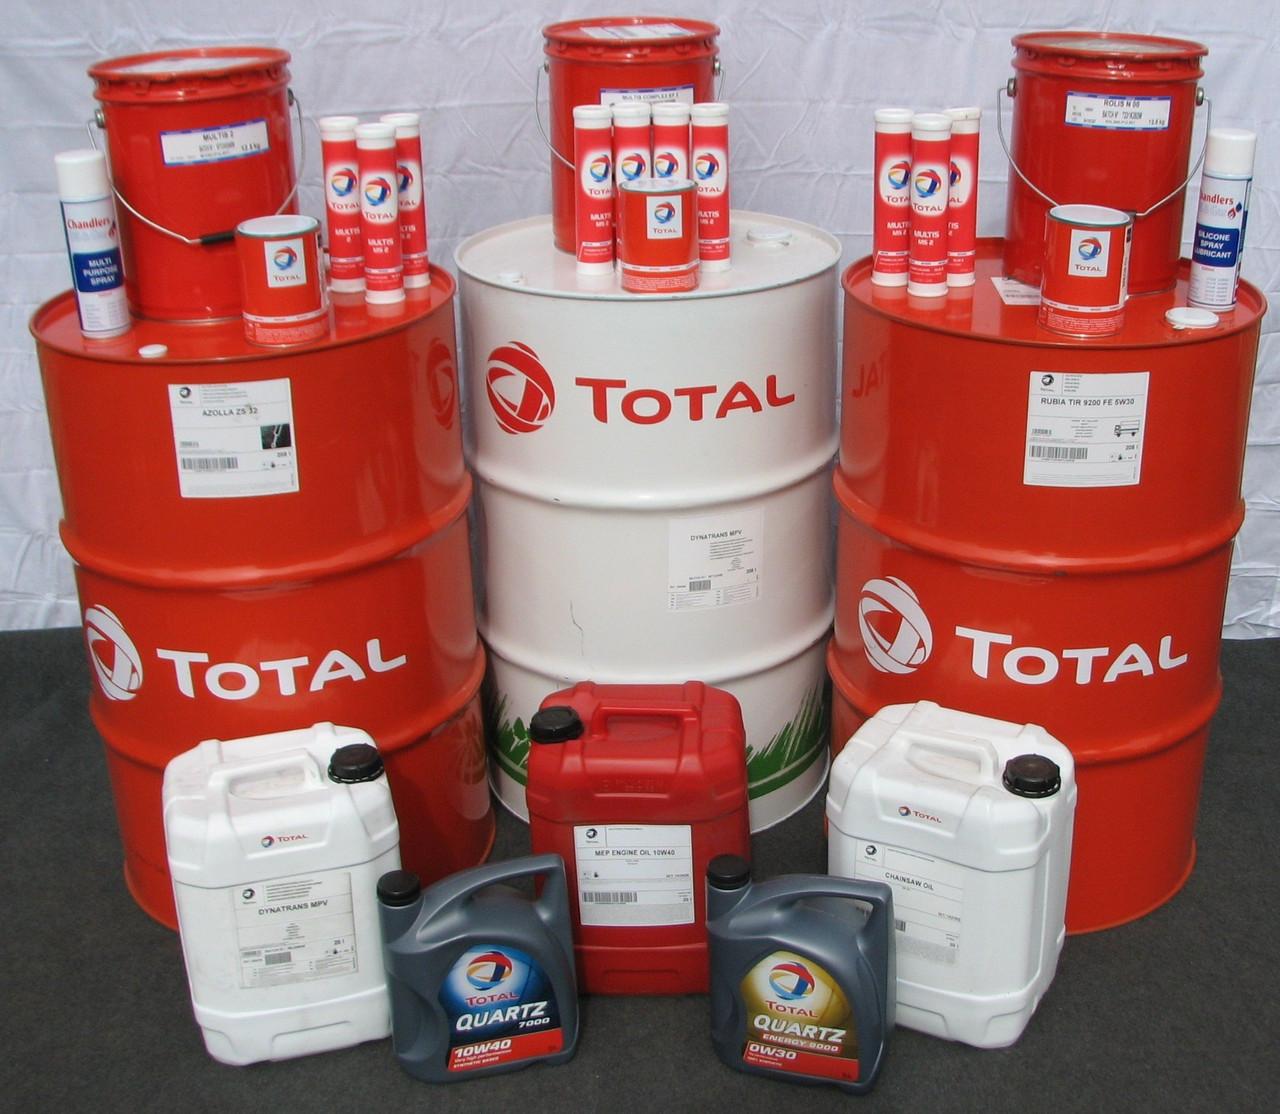 Total Rubia 8900 10w40 дизельное синтетическое масло 208л.